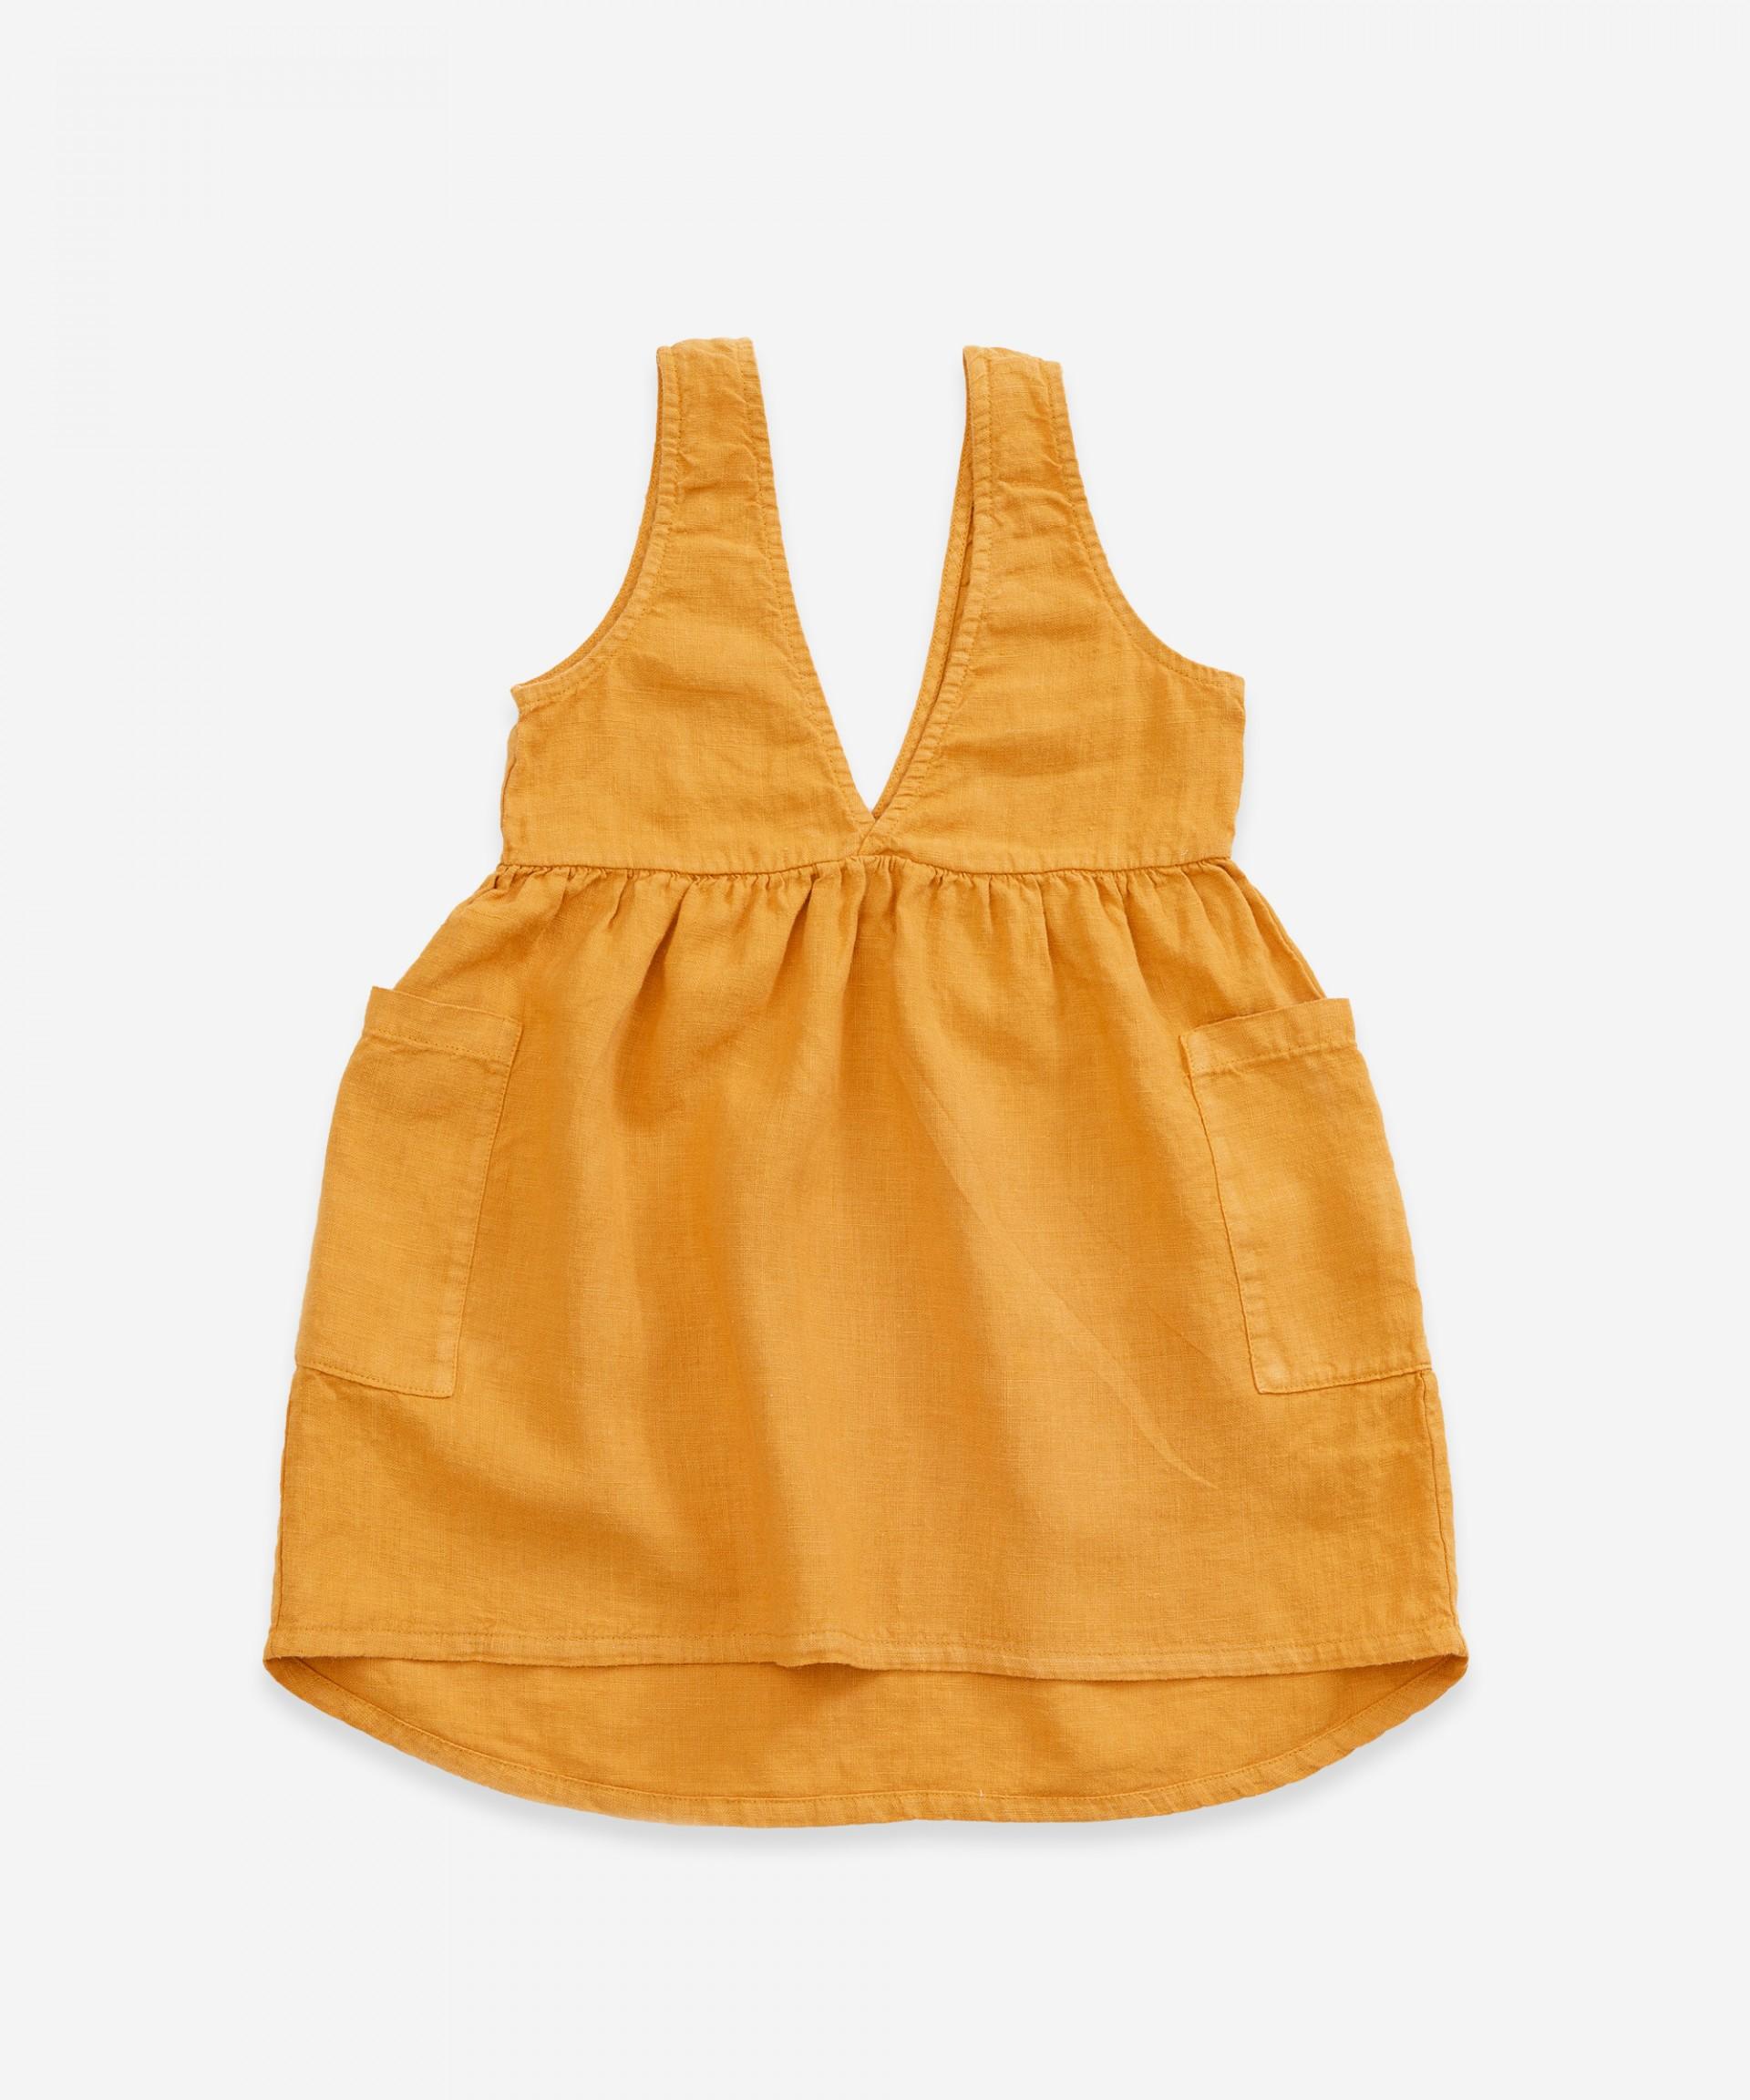 Saia de peito em tecido com decote em V | Weaving